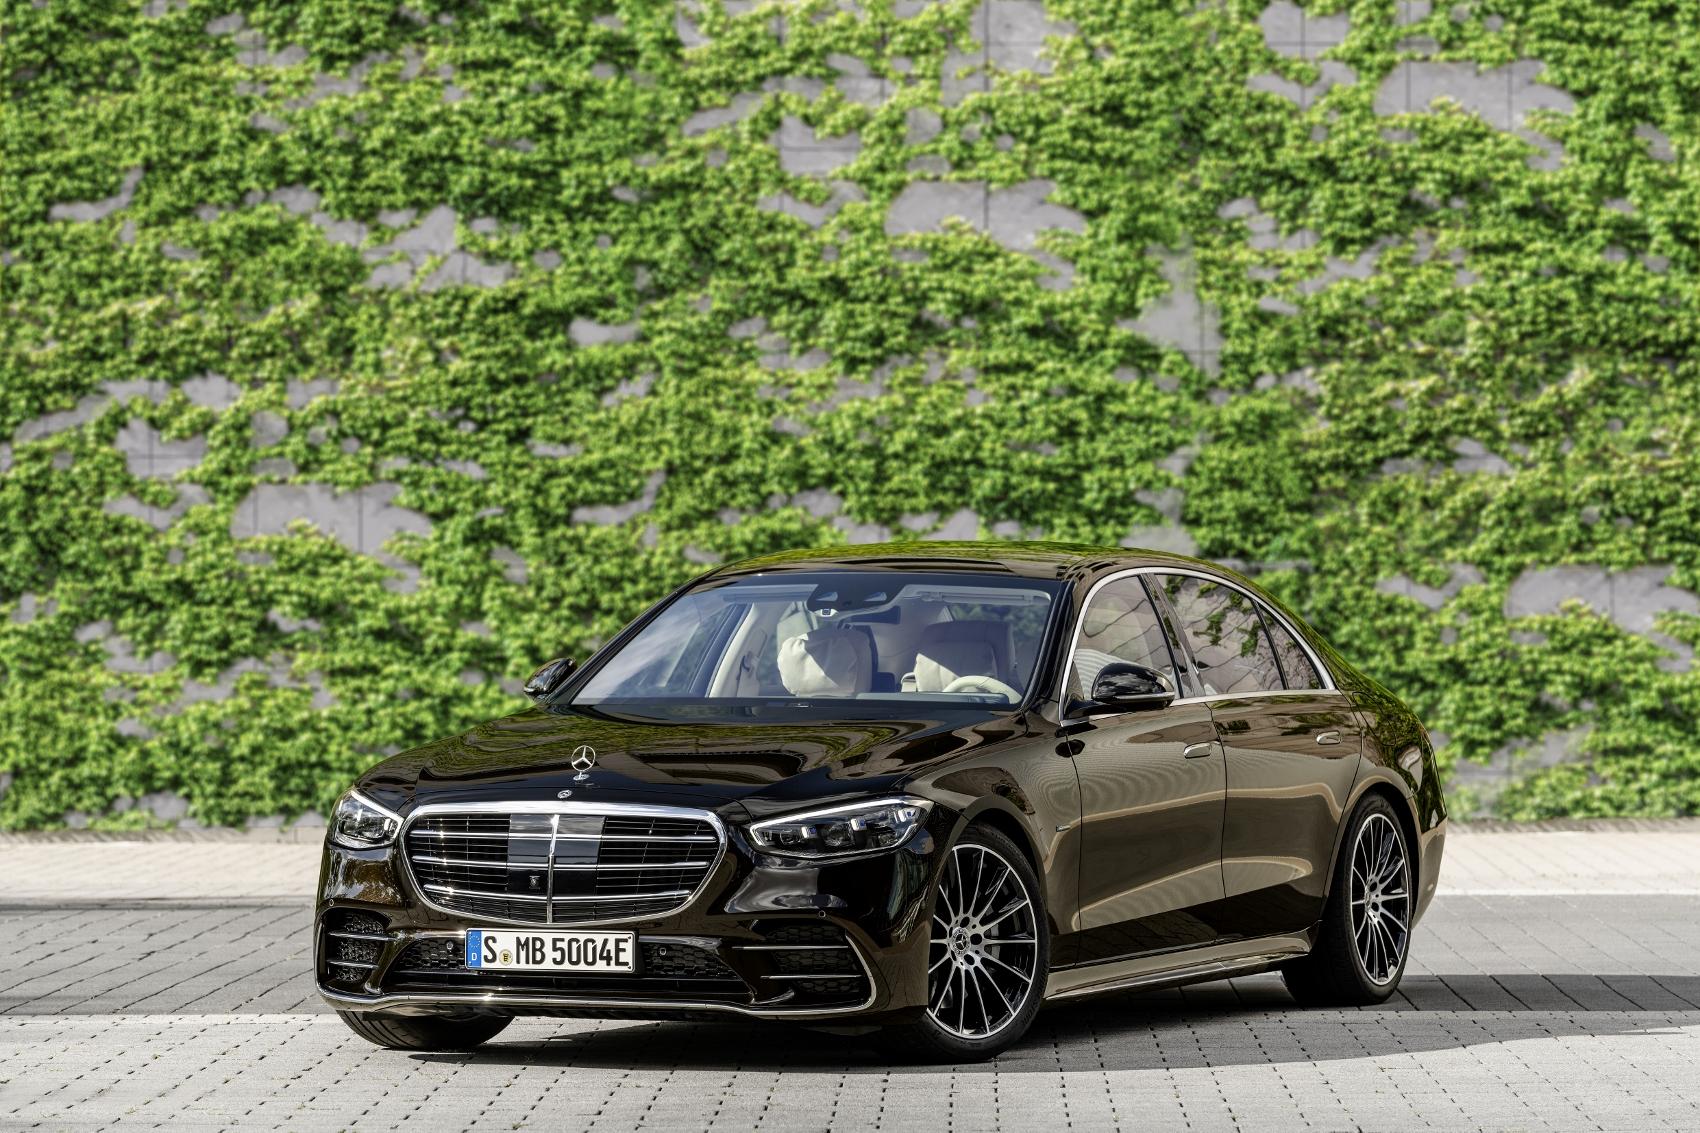 Nový Mercedes S je najpokročilejším Mercedesom v histórii Bi86j3Dura 20c0404063-1700x1133